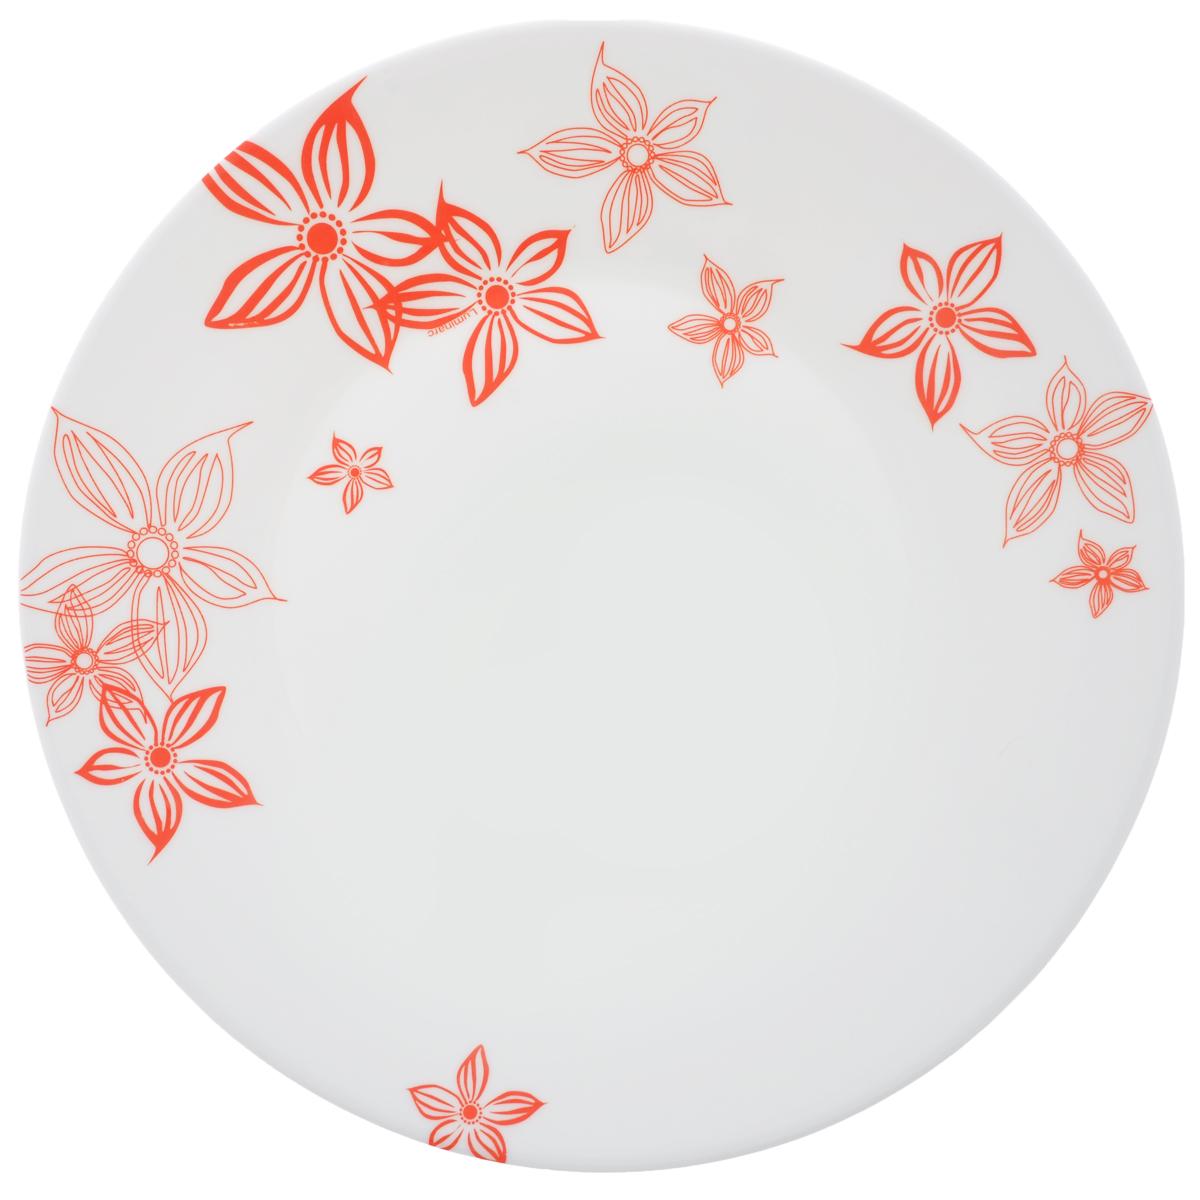 Тарелка десертная Luminarc Talullan, диаметр 19,5 смJ3482Десертная тарелка Luminarc Talullan, изготовленная из ударопрочного стекла, декорирована изображением цветов. Такая тарелка прекрасно подходит как для торжественных случаев, так и для повседневного использования. Идеальна для подачи десертов, пирожных, тортов и многого другого. Она прекрасно оформит стол и станет отличным дополнением к вашей коллекции кухонной посуды. Диаметр тарелки (по верхнему краю): 19,5 см.